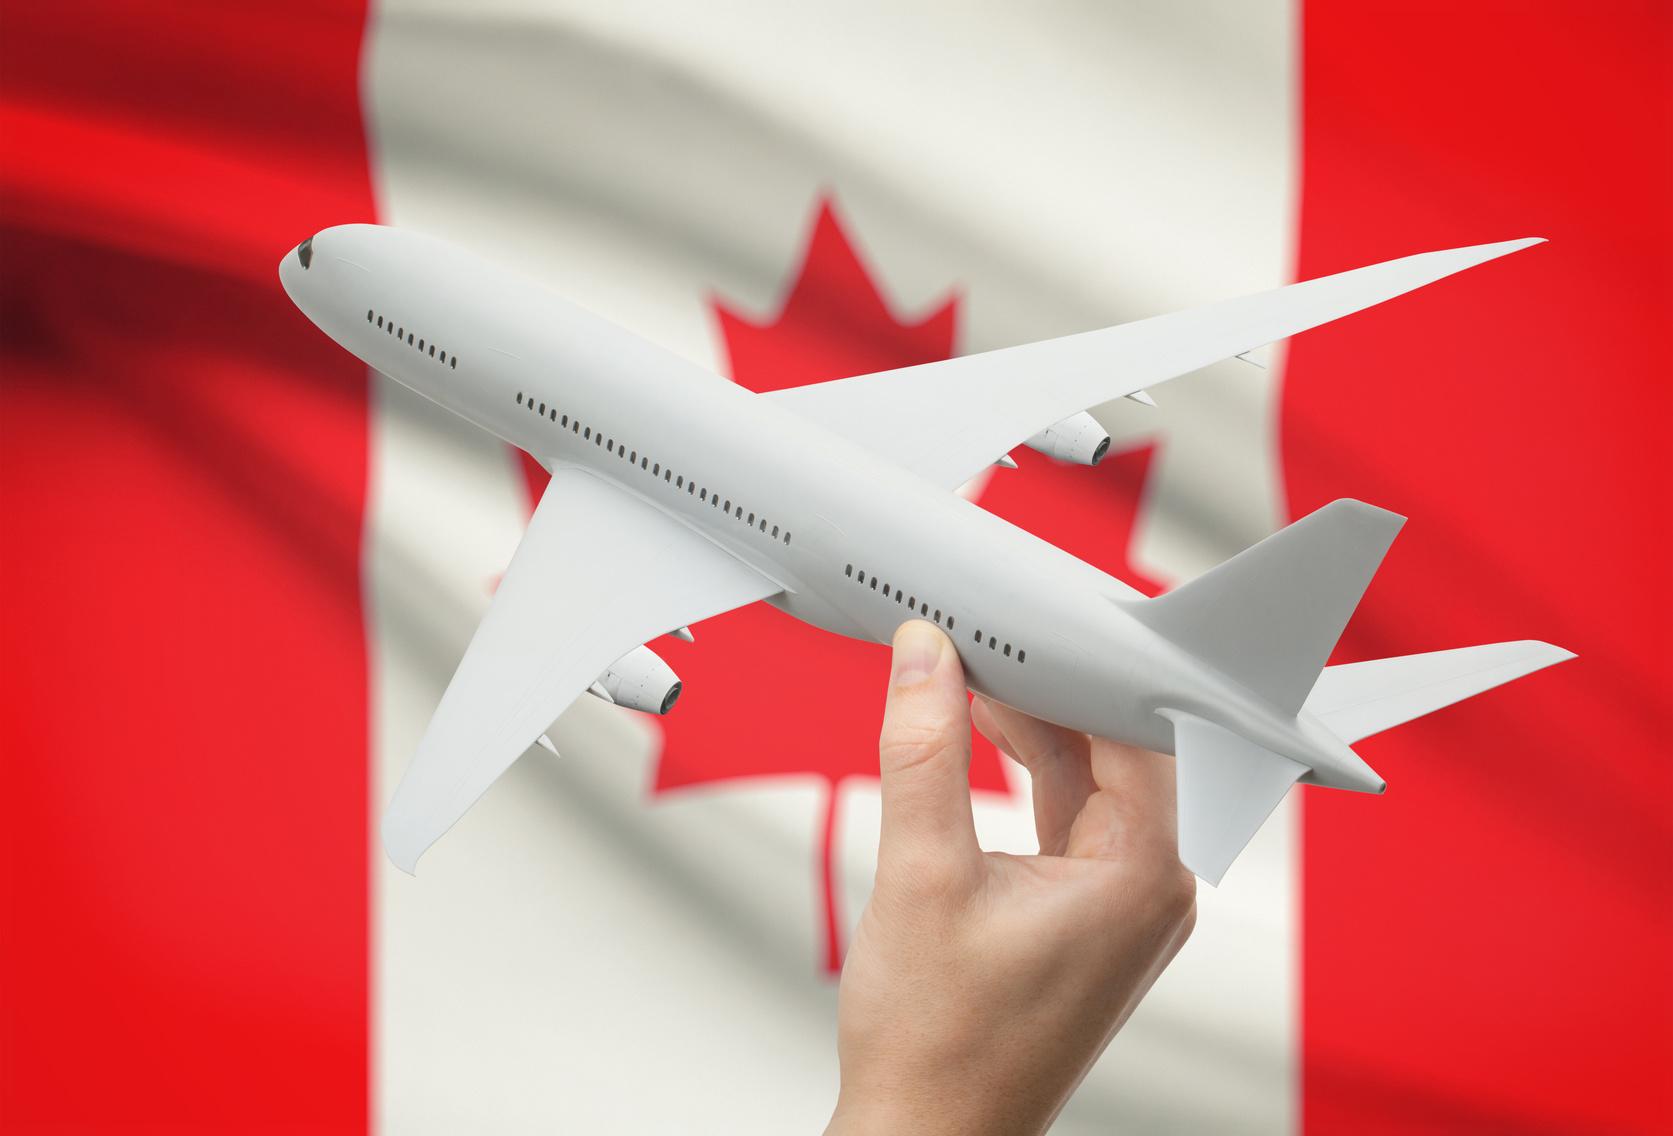 Малая авиация в Канаде